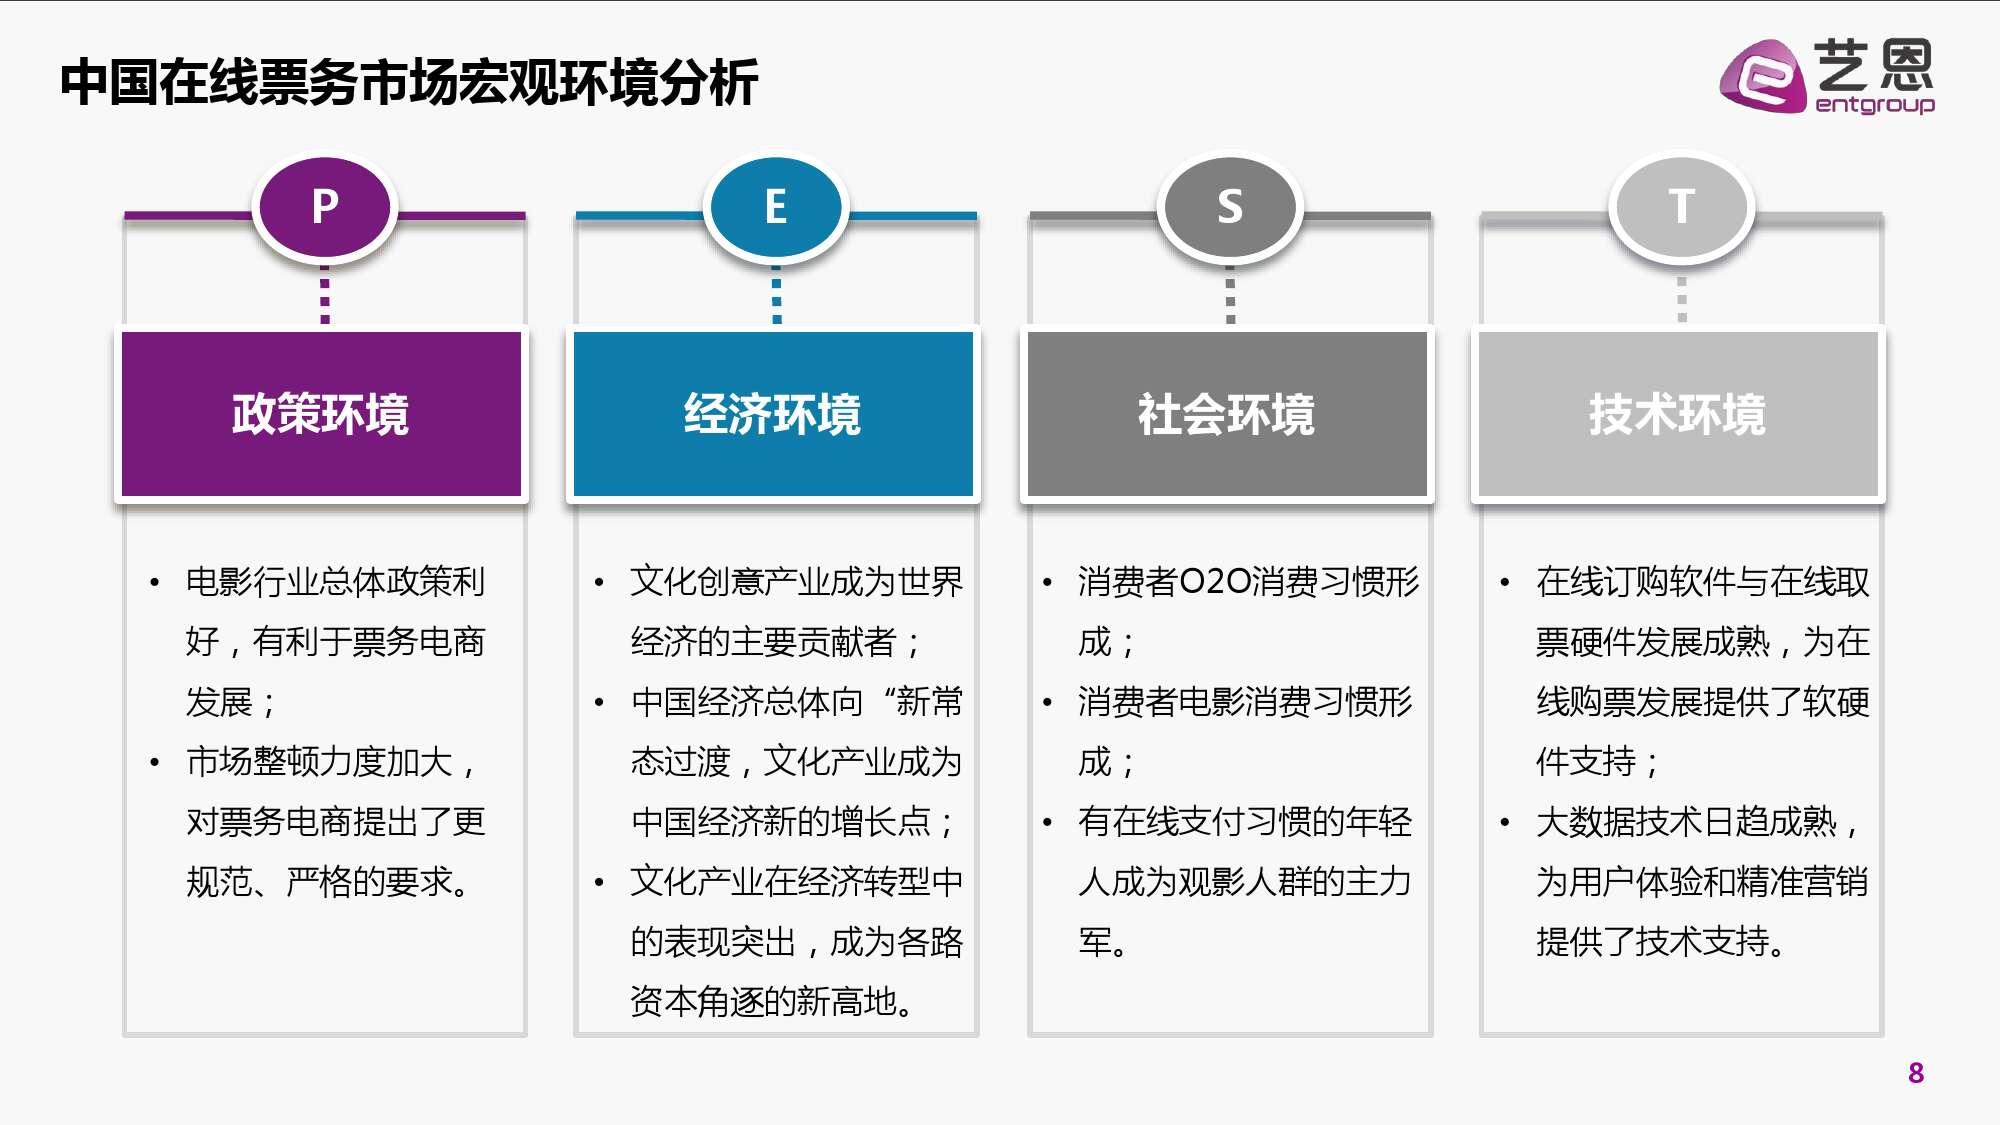 2016年中国电影在线票务市场研究报告_000008